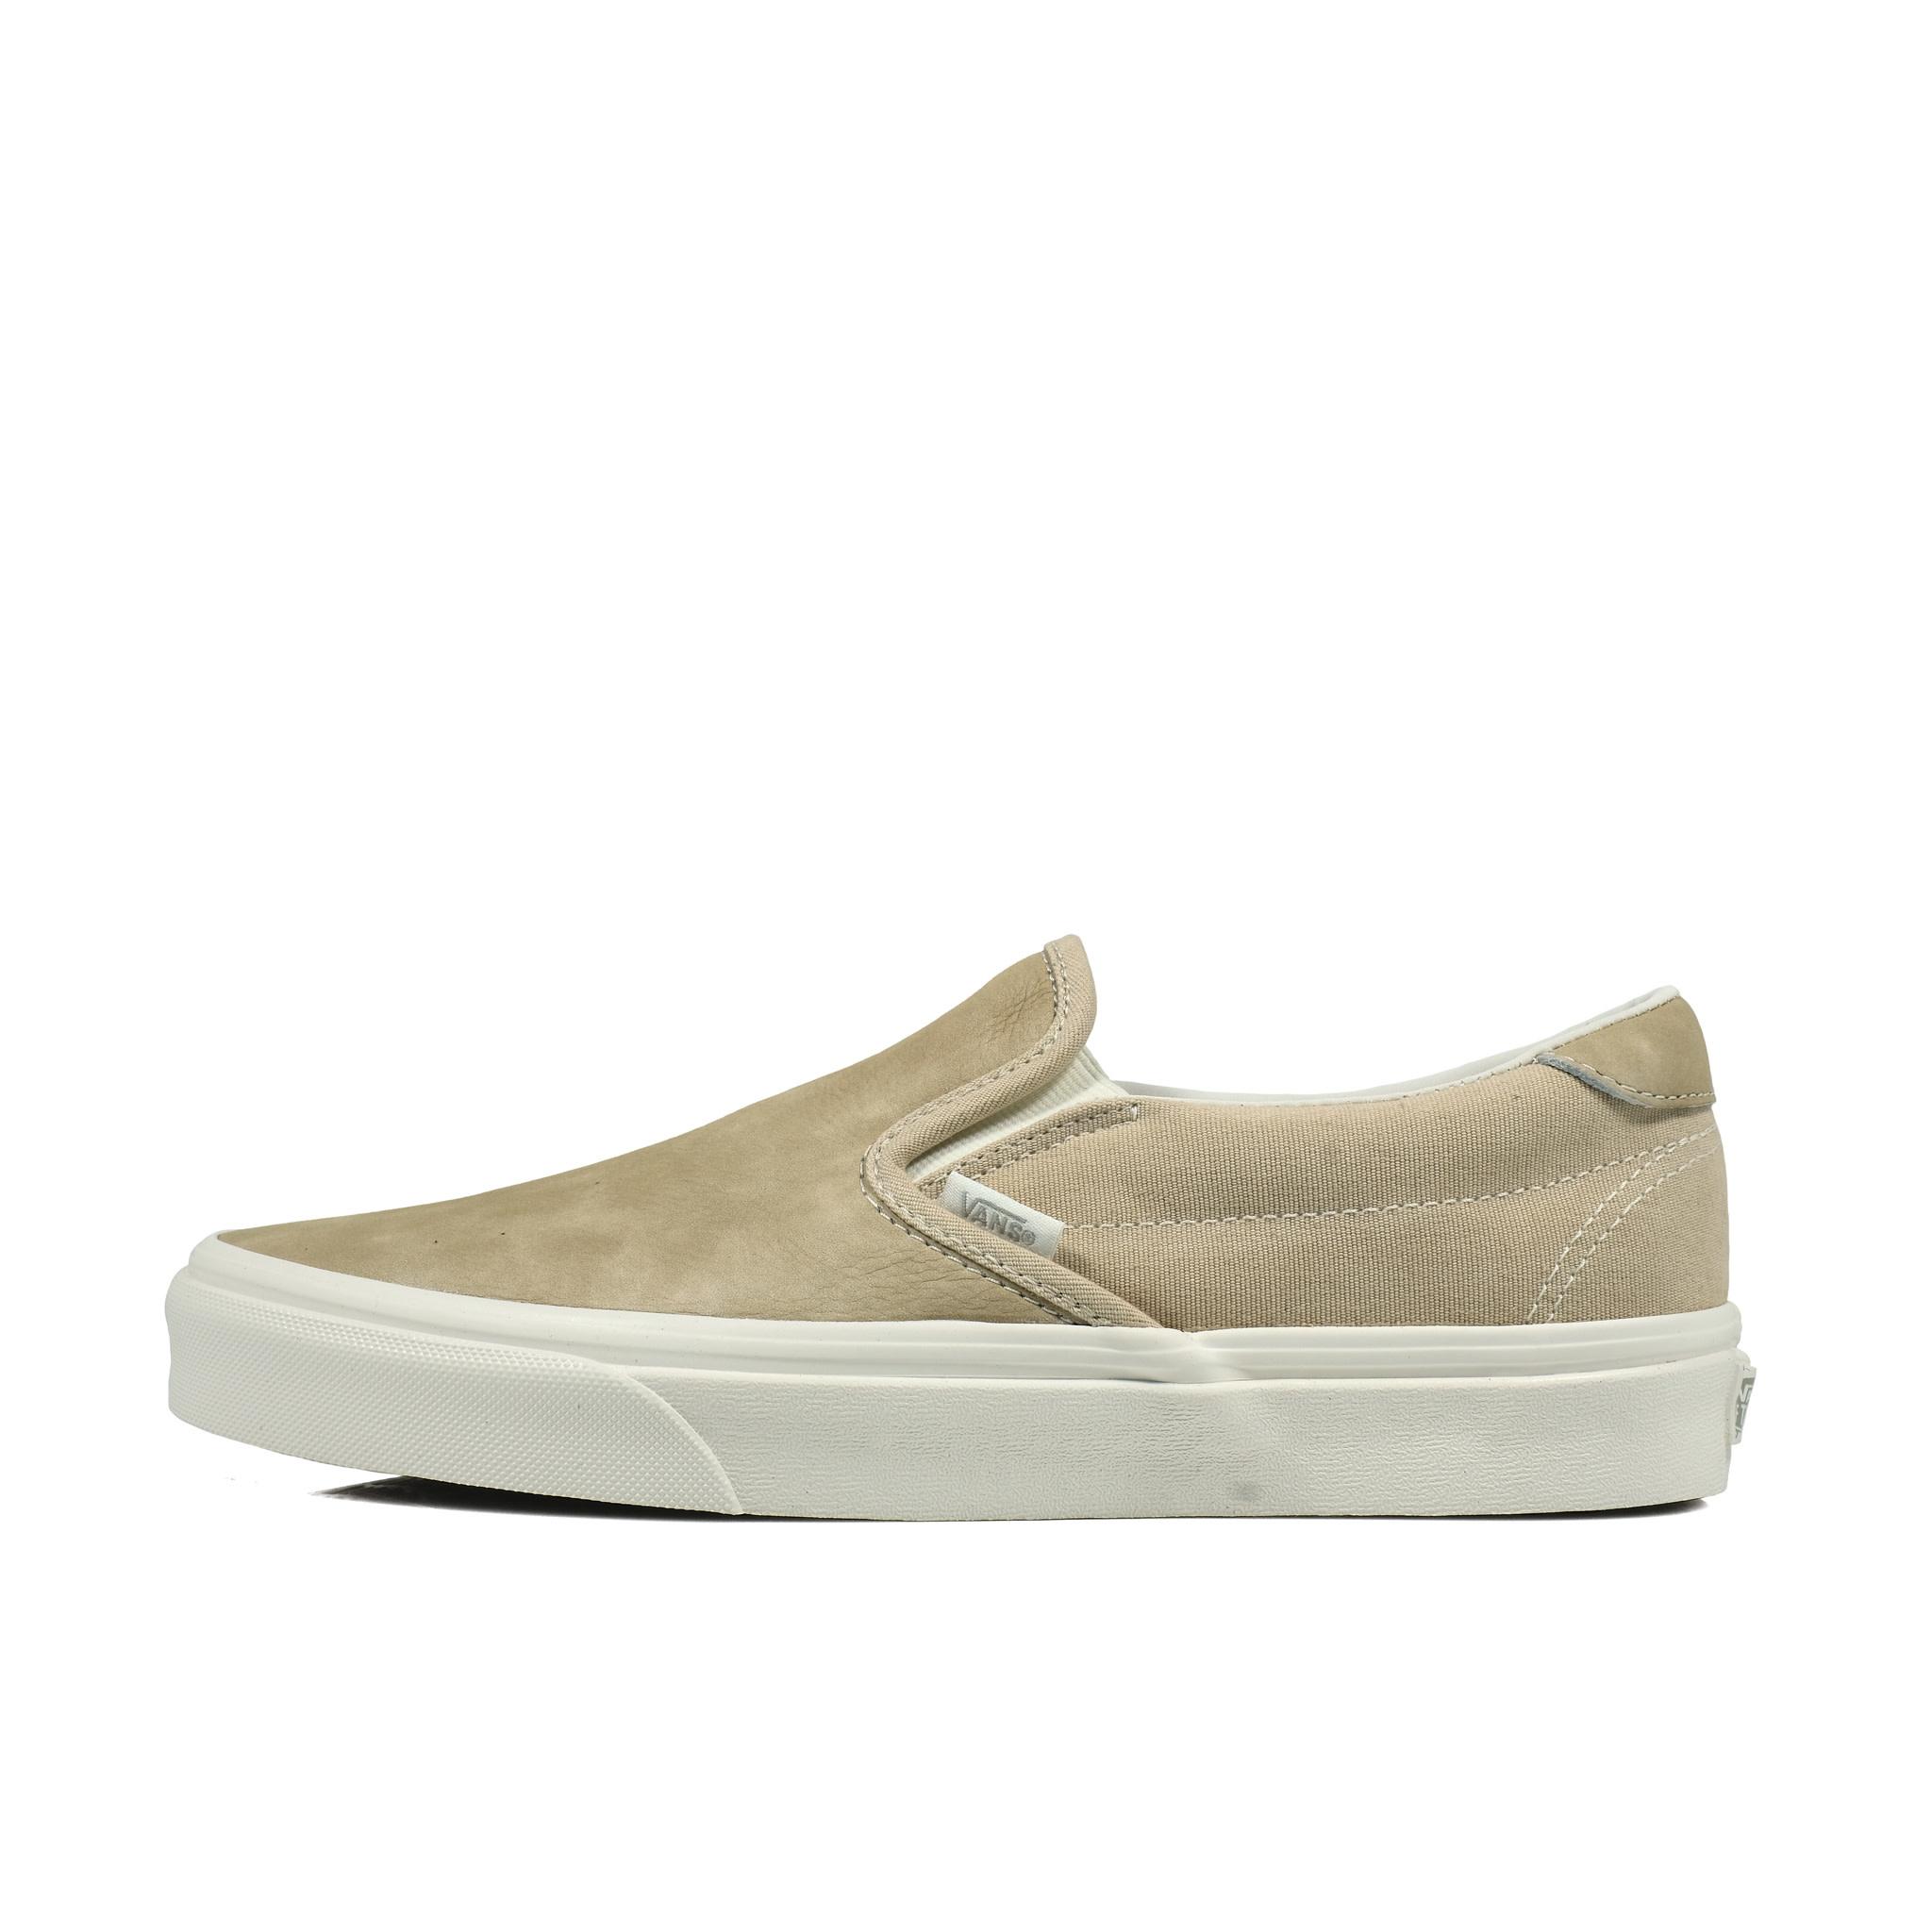 Vans // Slip-On 59 - Homegrown Skateshop